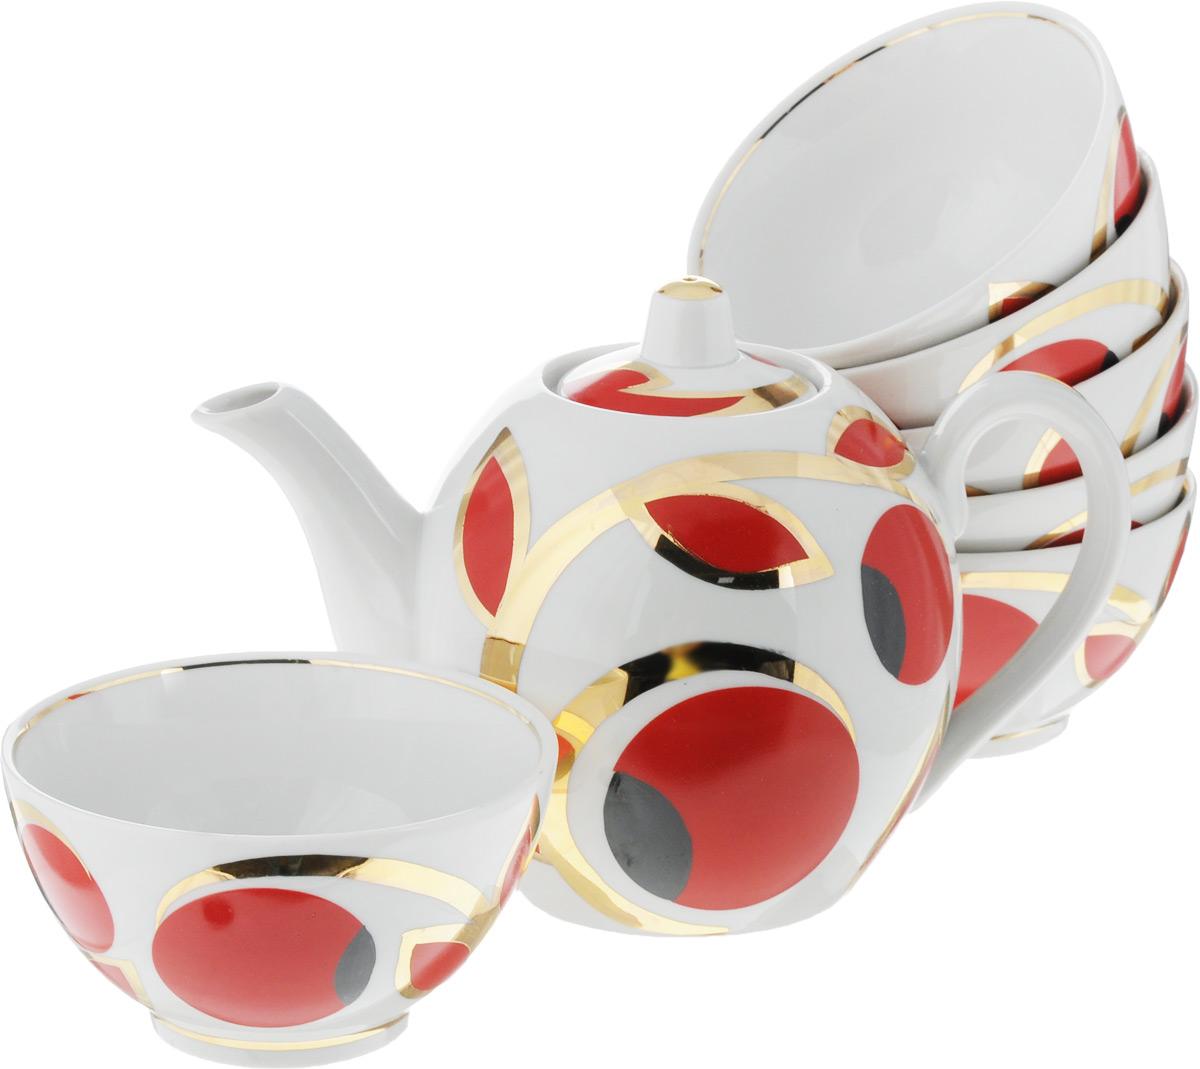 """Чайный набор Фарфор Вербилок """"Яблоки"""" состоит из 6 пиал и заварочного чайника. Изделия выполнены из высококачественного фарфора и оформлены оригинальным рисунком.Изящный чайный набор прекрасно оформит стол к чаепитию и порадует вас элегантным дизайном и качеством исполнения.История """"Мануфактуры Гарднеръ"""" насчитывает более 250 лет. За четверть тысячелетия фабричные мастера создали целую галерею шедевров фарфорового искусства, многие из которых служили украшением императорских дворцов и аристократических салонов. Если верить легенде, именно вербилковские сервизы так понравились Екатерине II во время праздничного обеда в честь именин монаршей особы.Объем чайника: 800 мл.Высота чайника (без учета крышки): 11,5 см.Диаметр чайника (по верхнему краю): 4,5 см.Объем пиалы: 300 мл.Диаметр пиалы (по верхнему краю): 11 см.Высота пиалы: 6,5 см."""